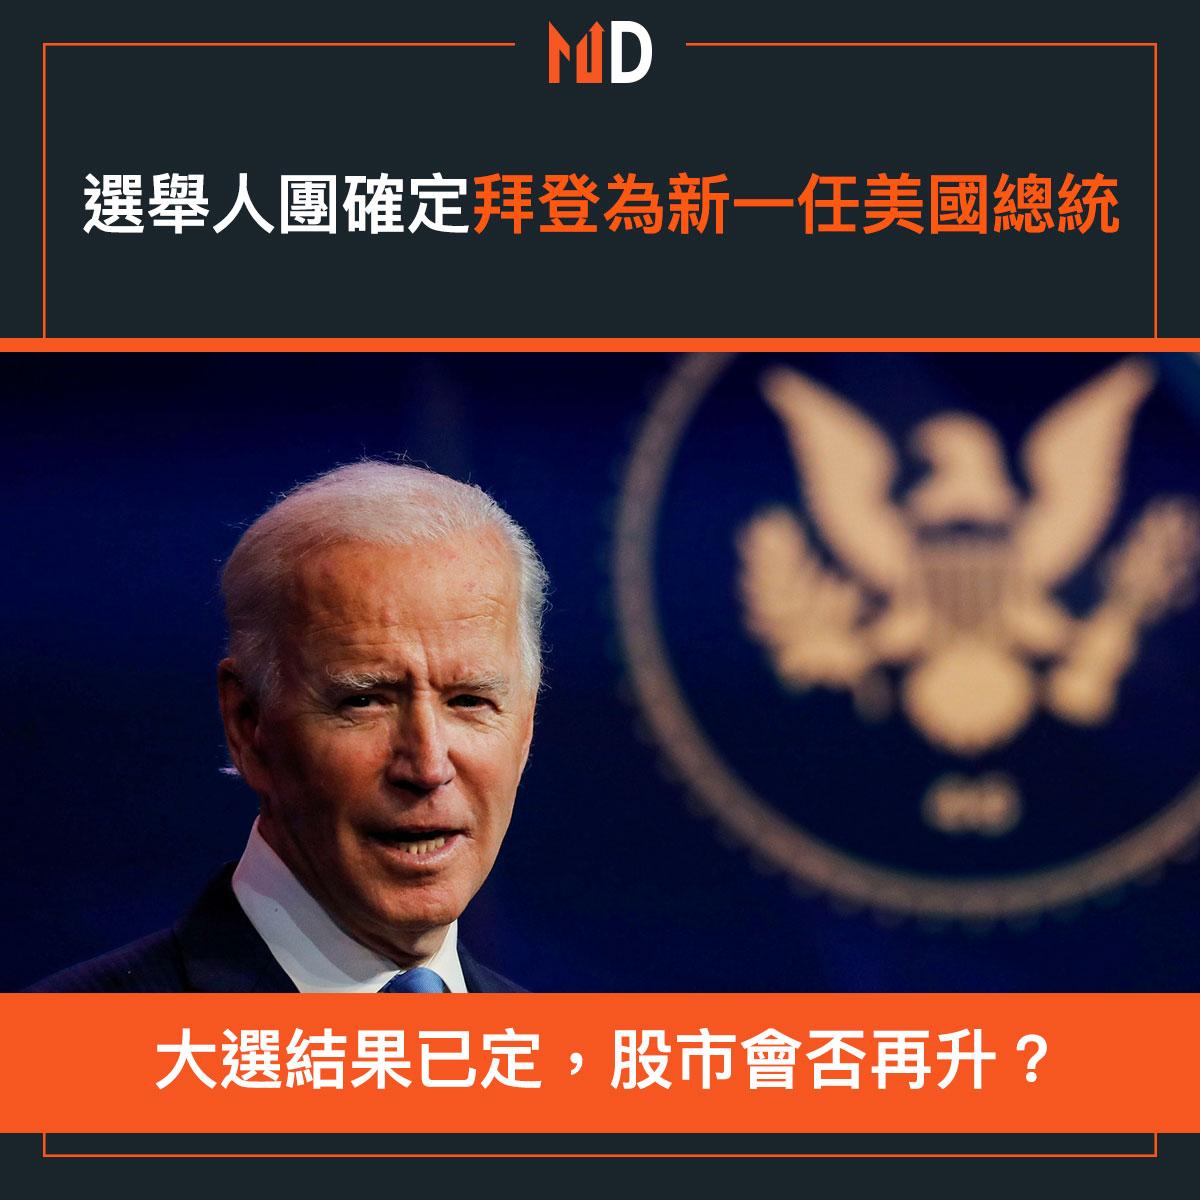 拜登為新一任美國總統